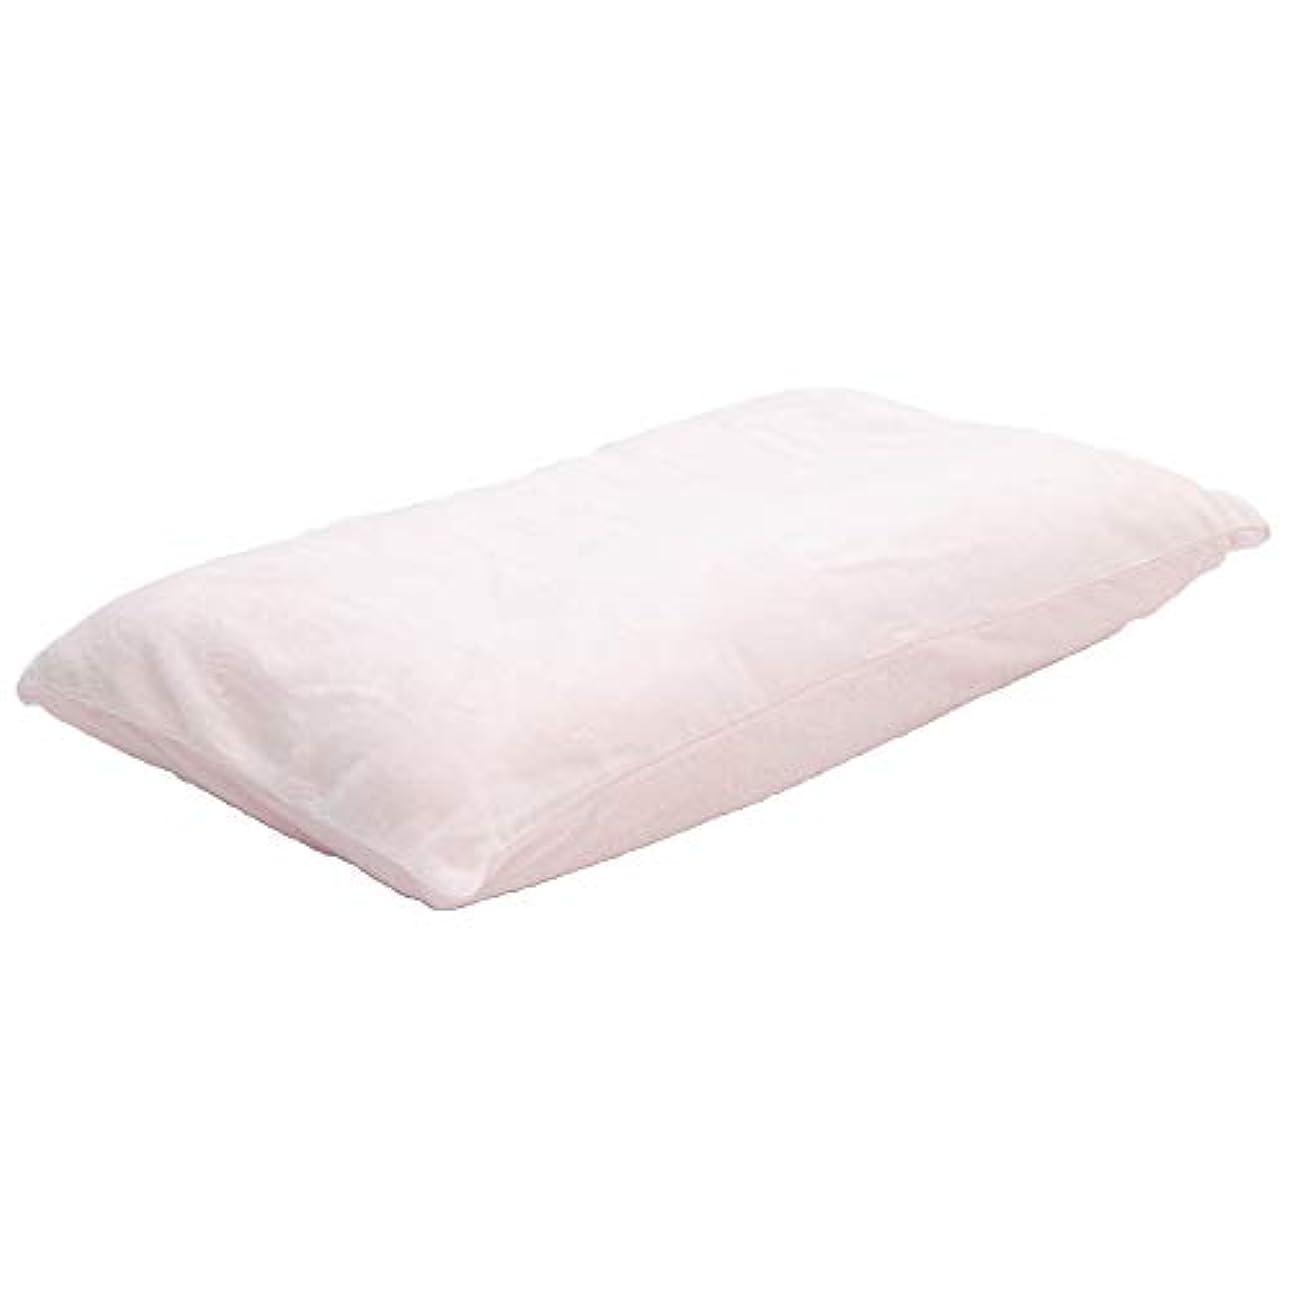 鈍いグローブ議論するゆったりリッチ 低反発チップリバーシブル枕 ワイドサイズ 専用洗えるカバー付き 2人で使える ロング 大きい 夫婦 ファミリー 抱き枕 ゆったり 40X70cm PK